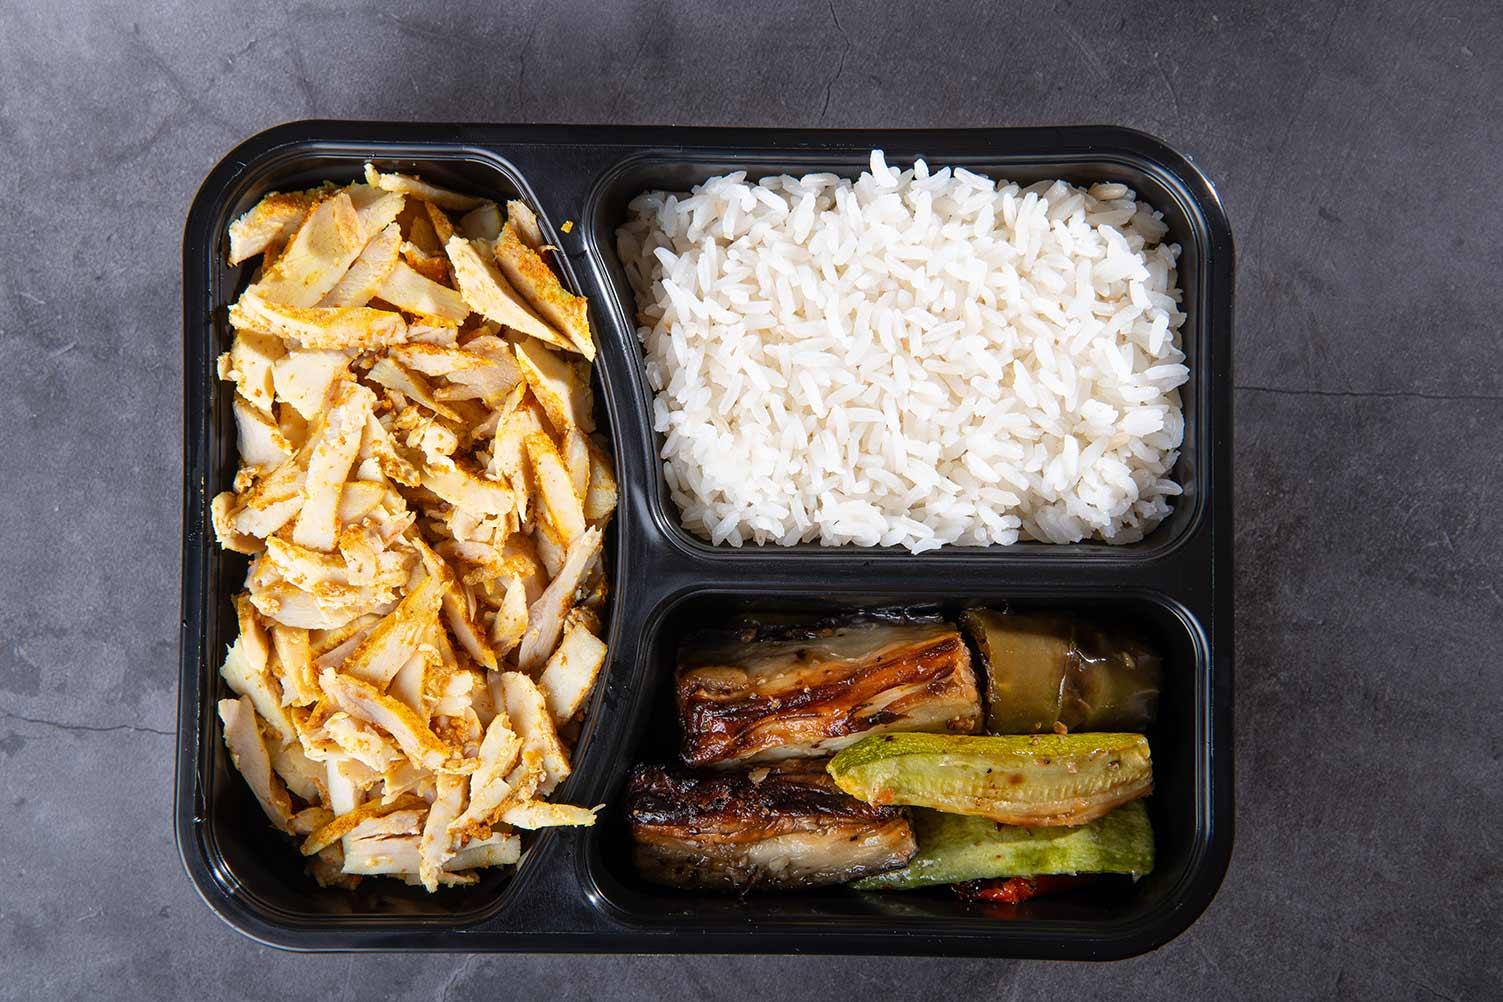 ארוחה בחמגשית למוסדות , שירותי הסעדה למוסדות TryFoodies